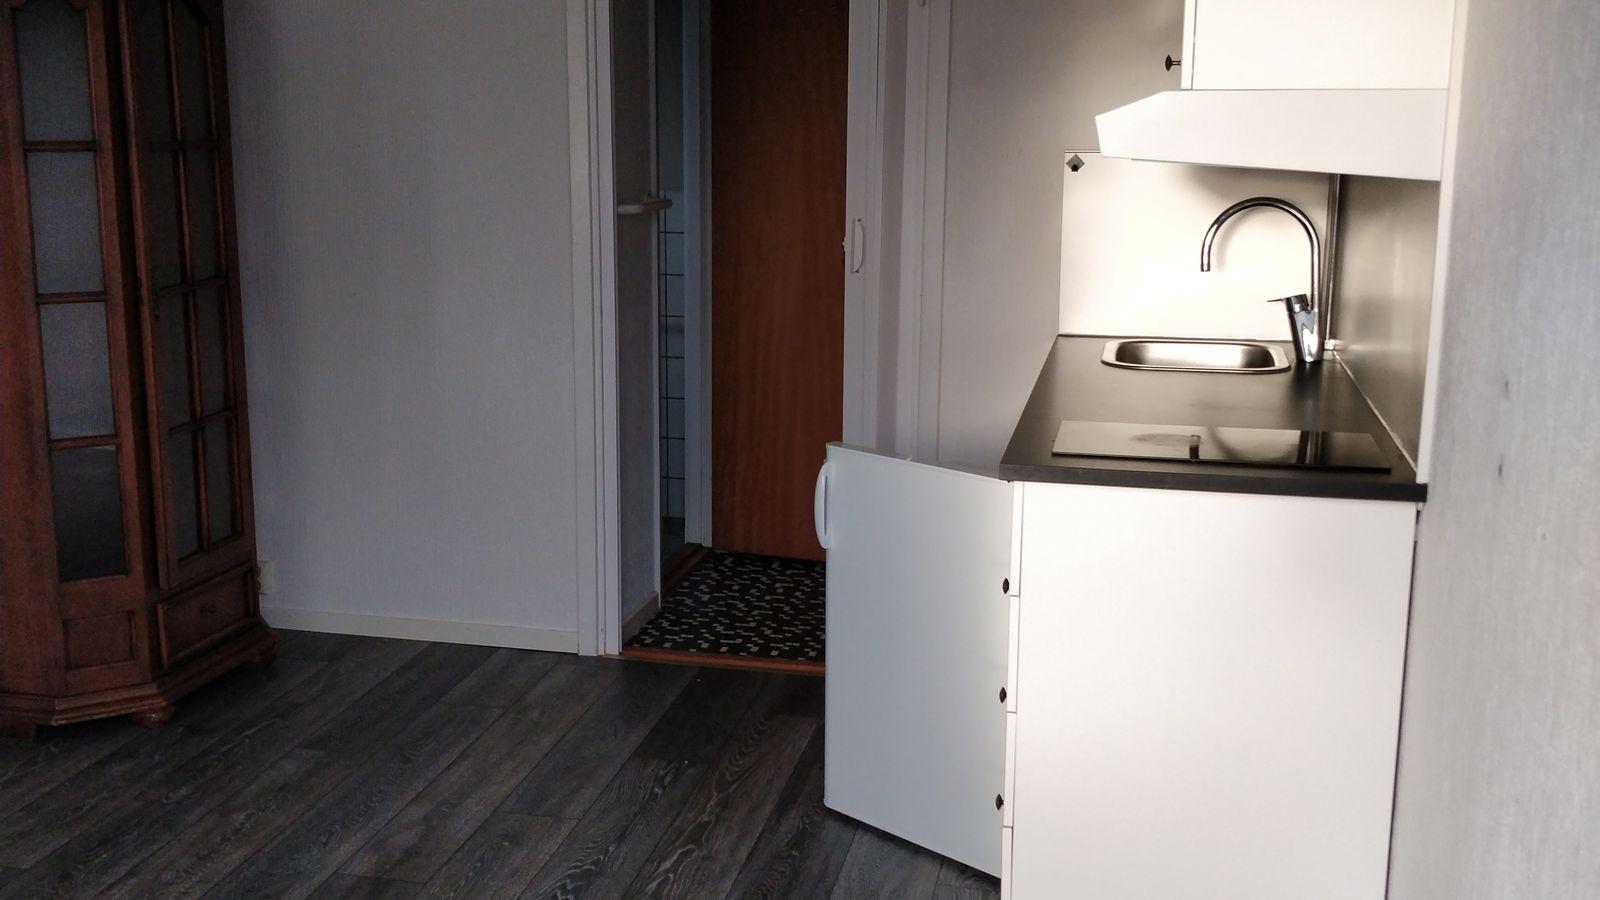 Ledig lägenhet i Ronneby